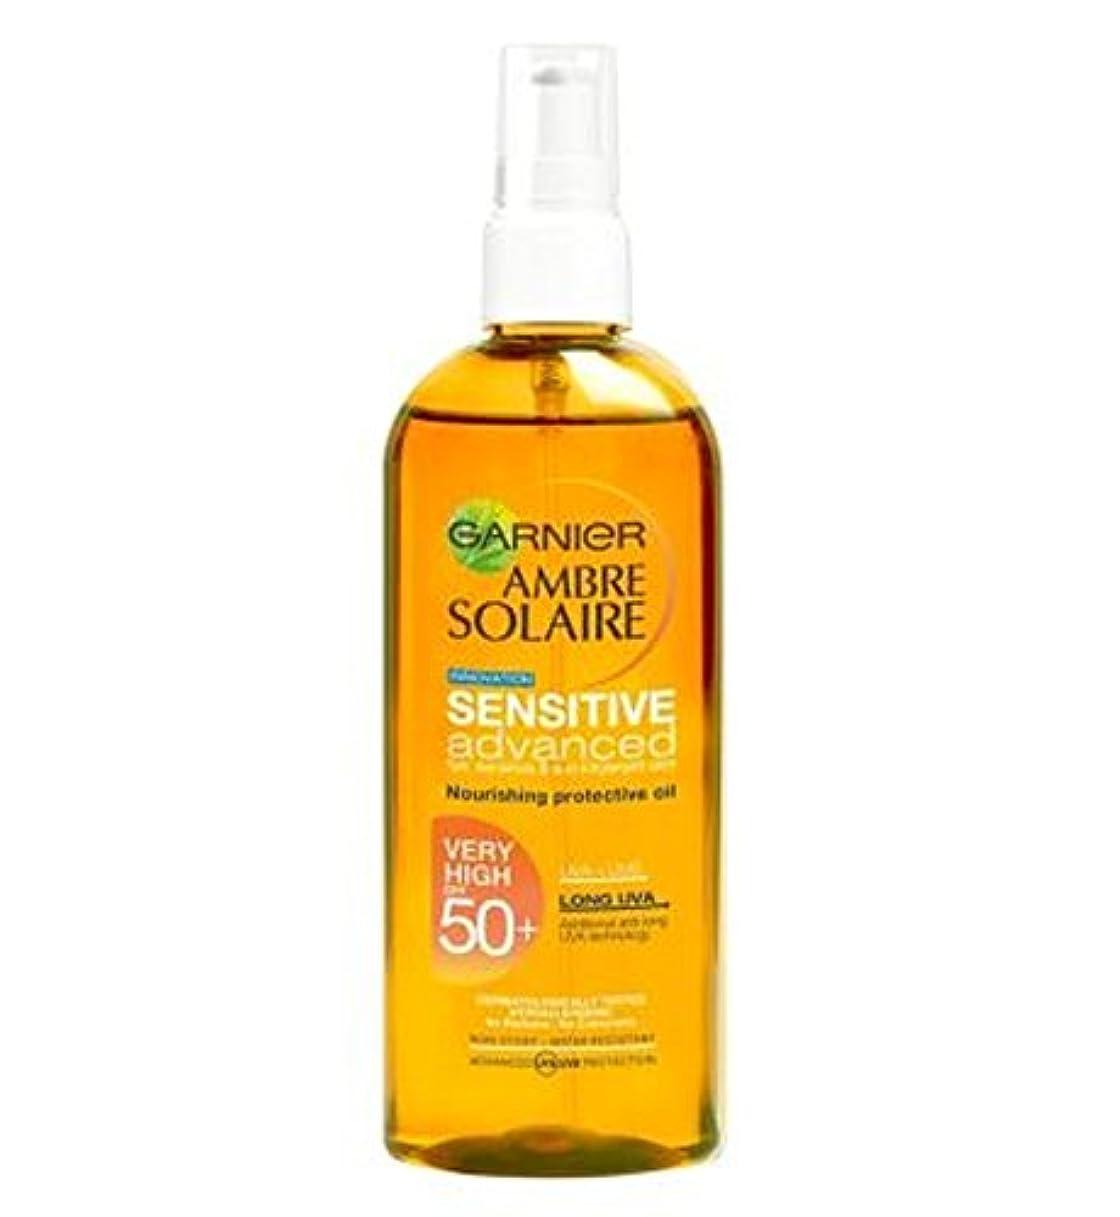 クリップ雑品しおれたGarnier Ambre Solaire Sensitive Advanced Sun Protection Nourishing Protection Oil SPF50 150ml - 保護オイルSpf50の150ミリリットル栄養ガルニエアンブレSolaire敏感な高度なサンプロテクション (Garnier) [並行輸入品]